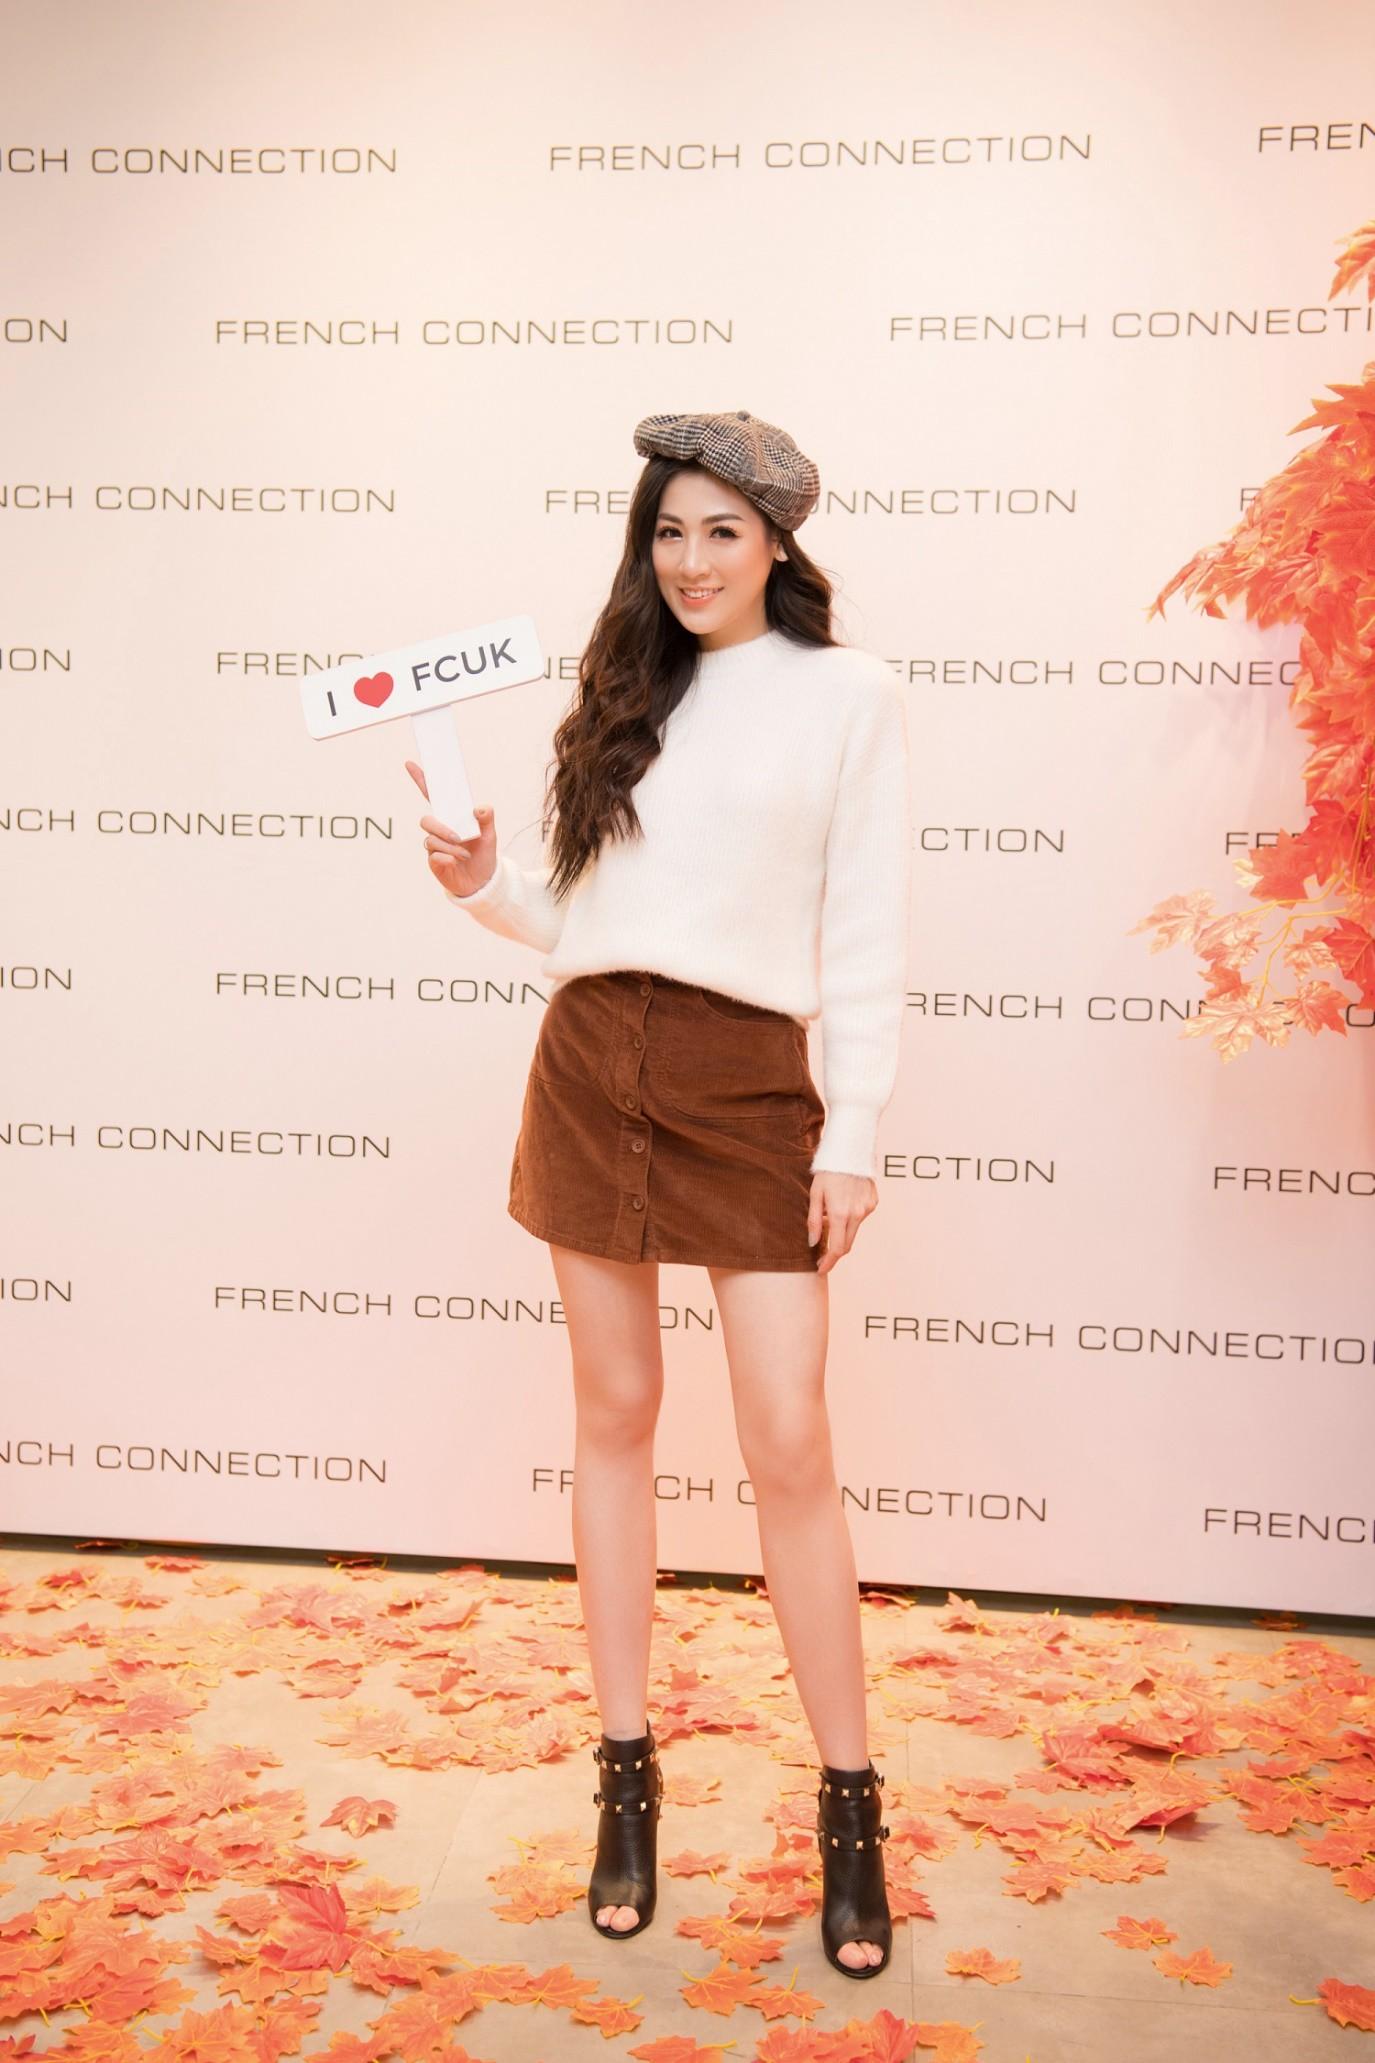 Á hậu Tú Anh ngẫu hứng phối đồ phong cách cho diễn viên Lương Thanh ngay tại sự kiện thời trang - Ảnh 4.